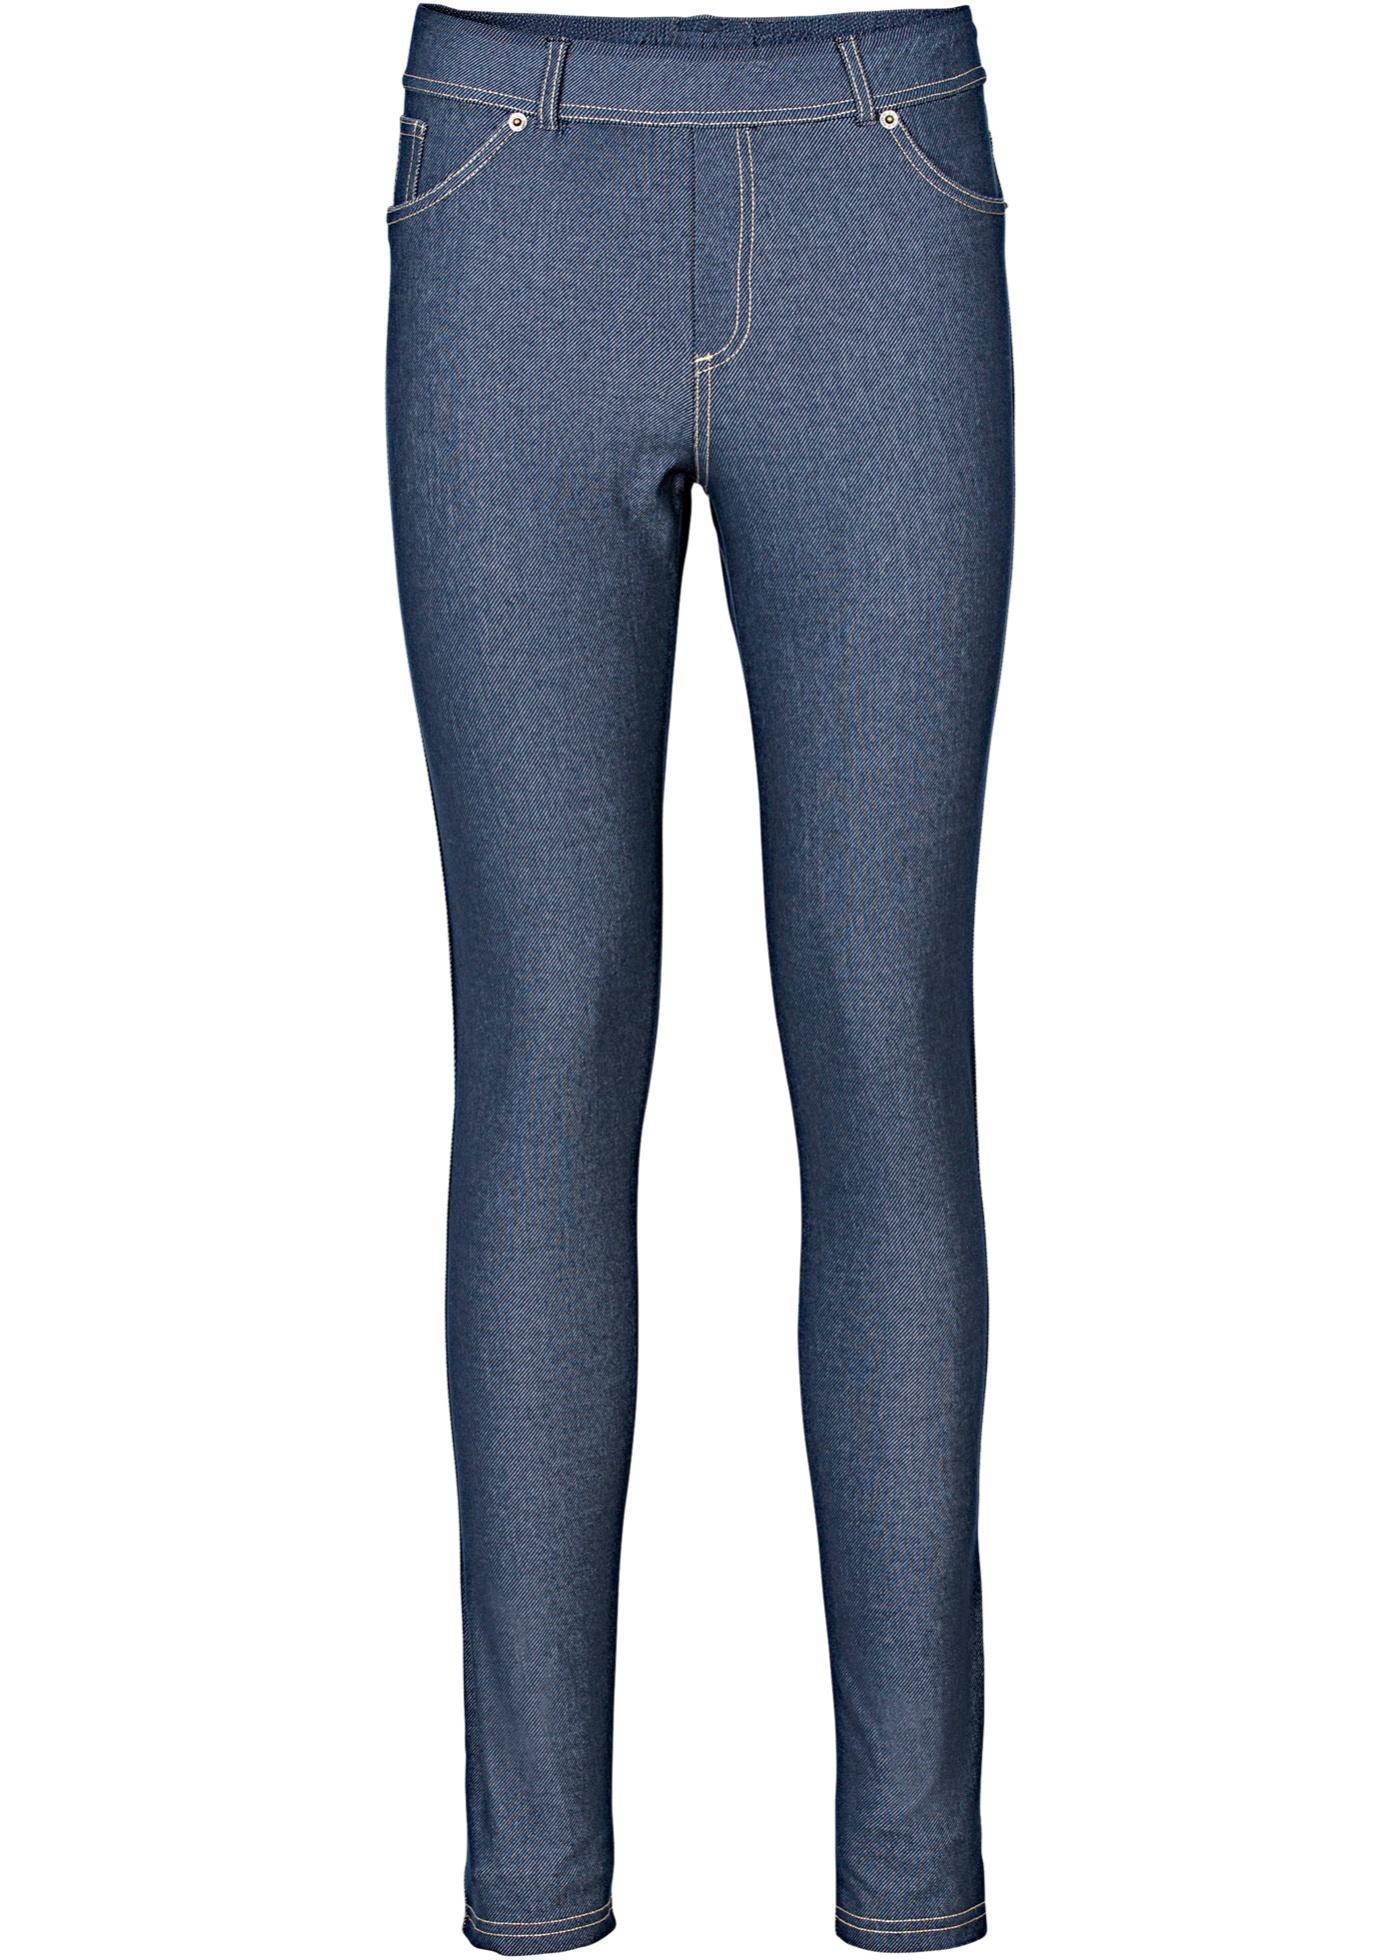 Leggings i jeansoptikk